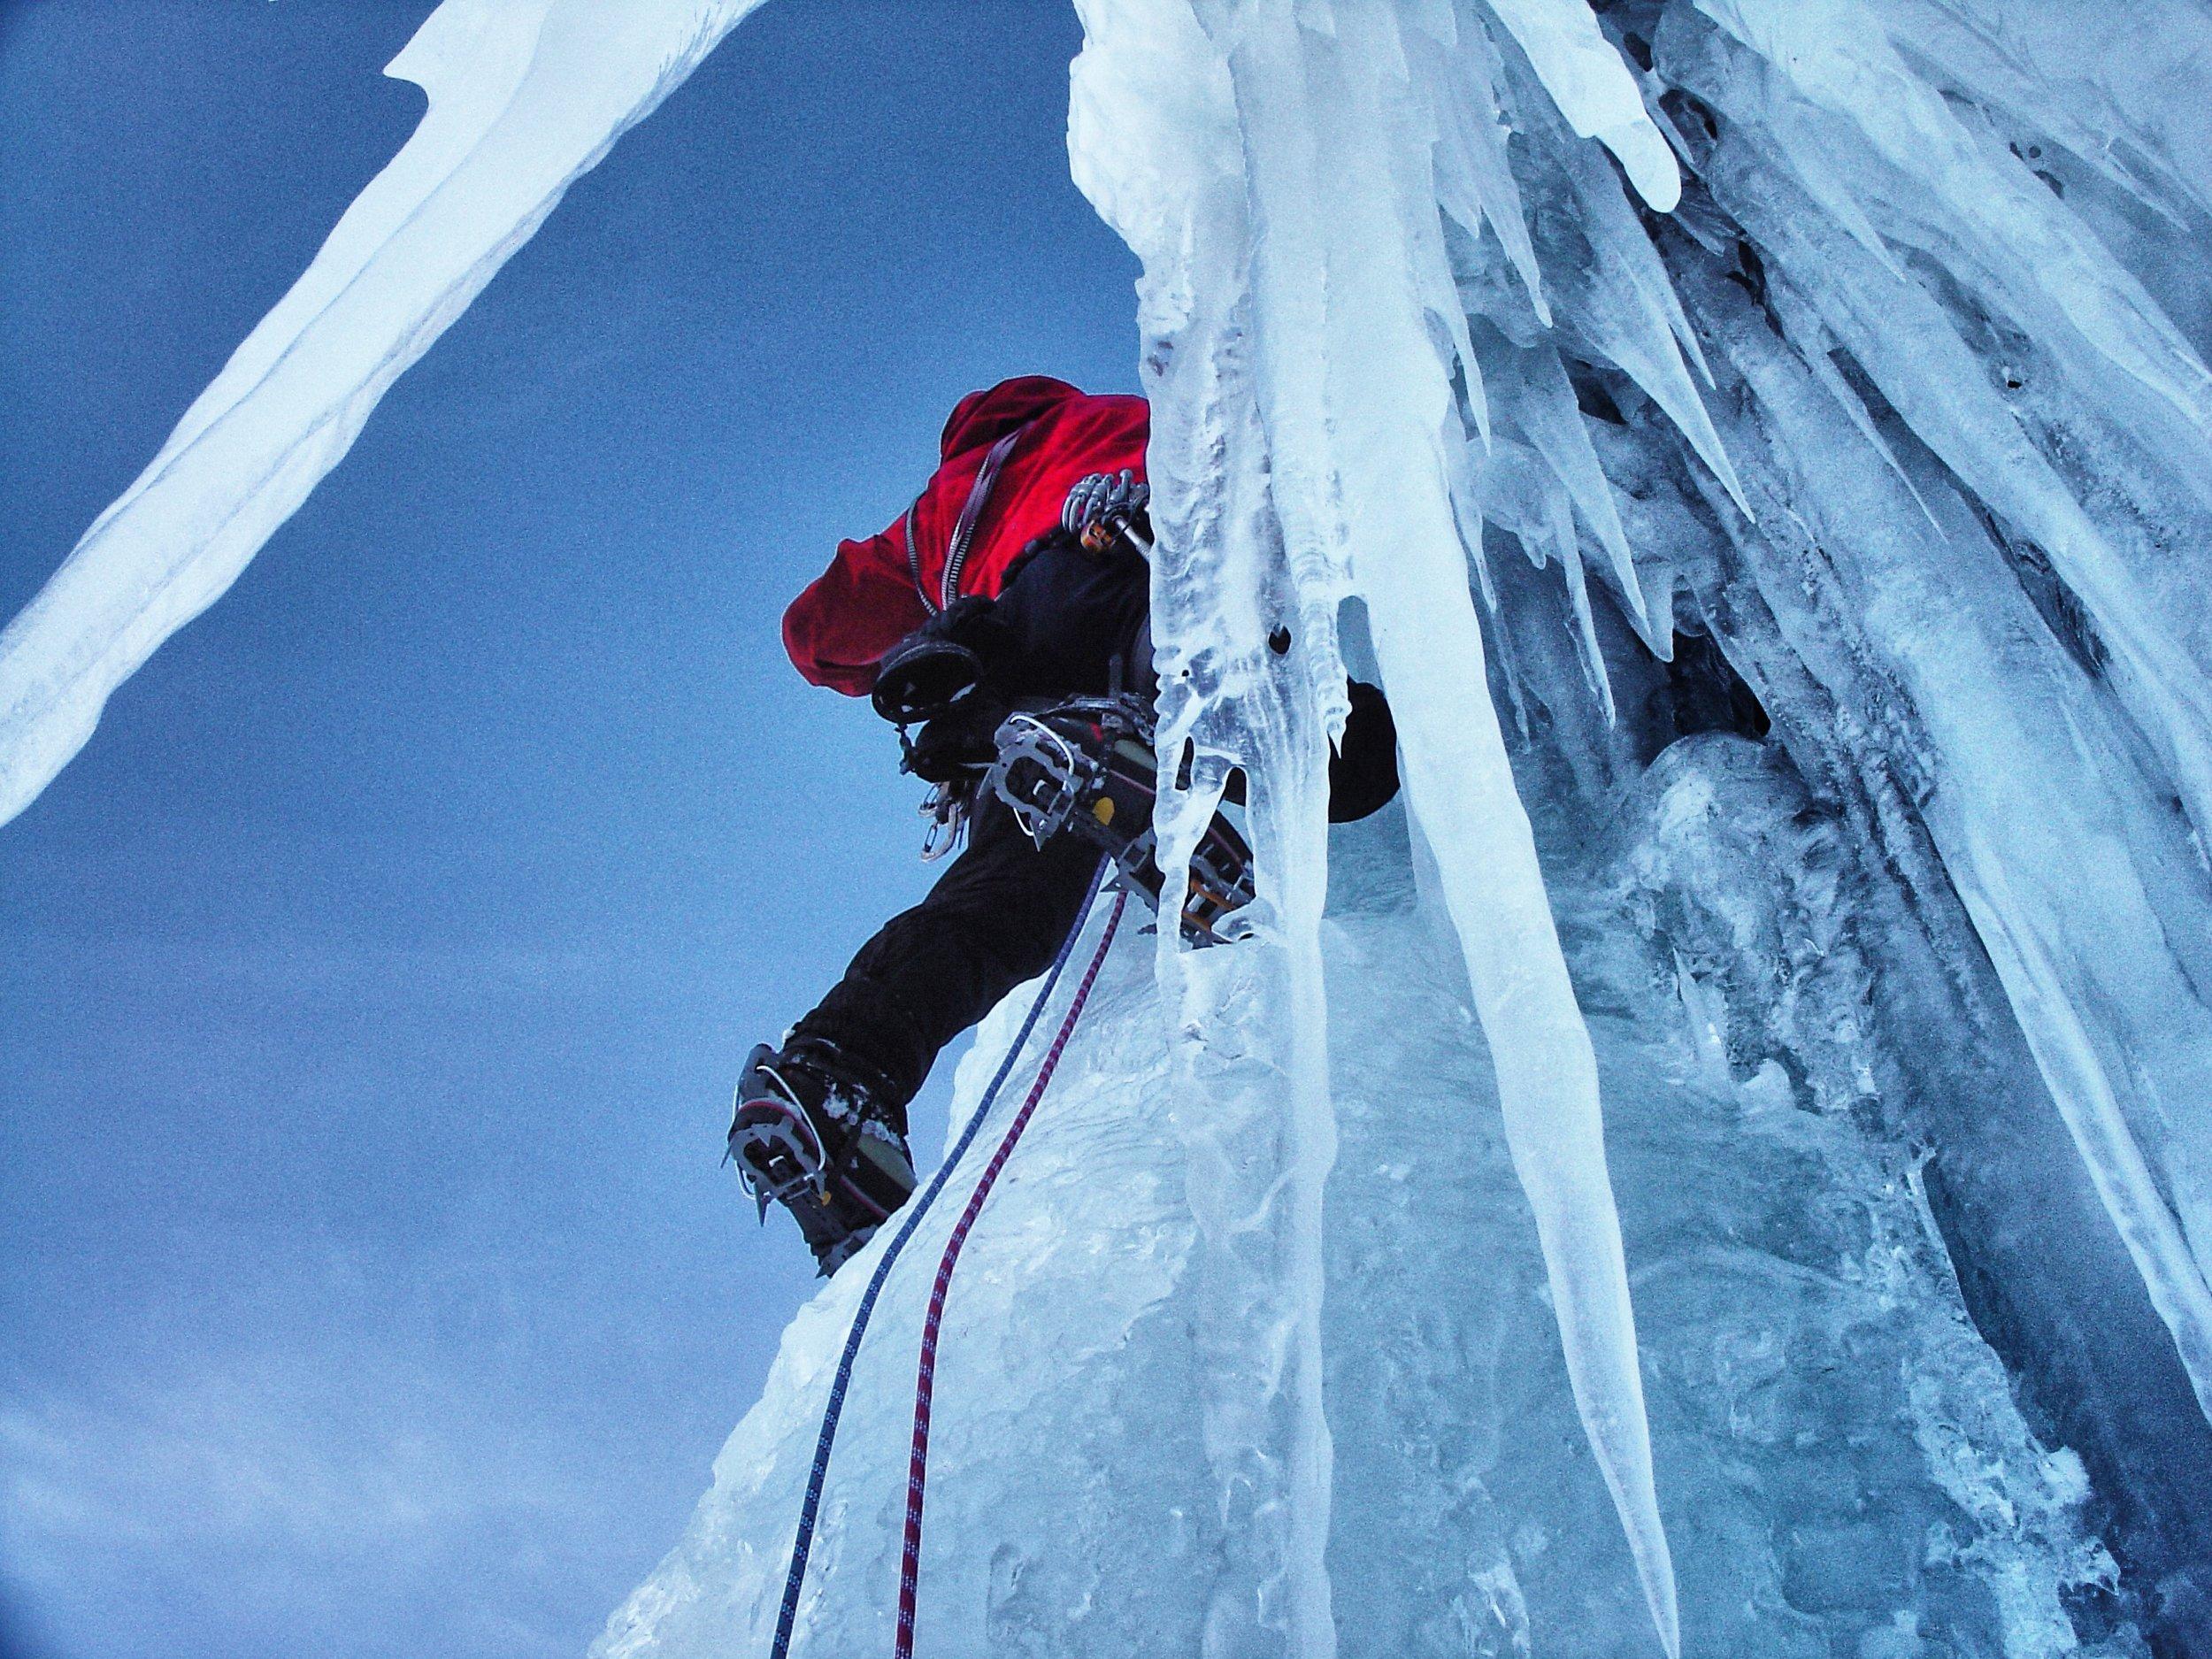 Matthias Scherer on  Icelander, Argentiere, France - picture Tanja Schmitt